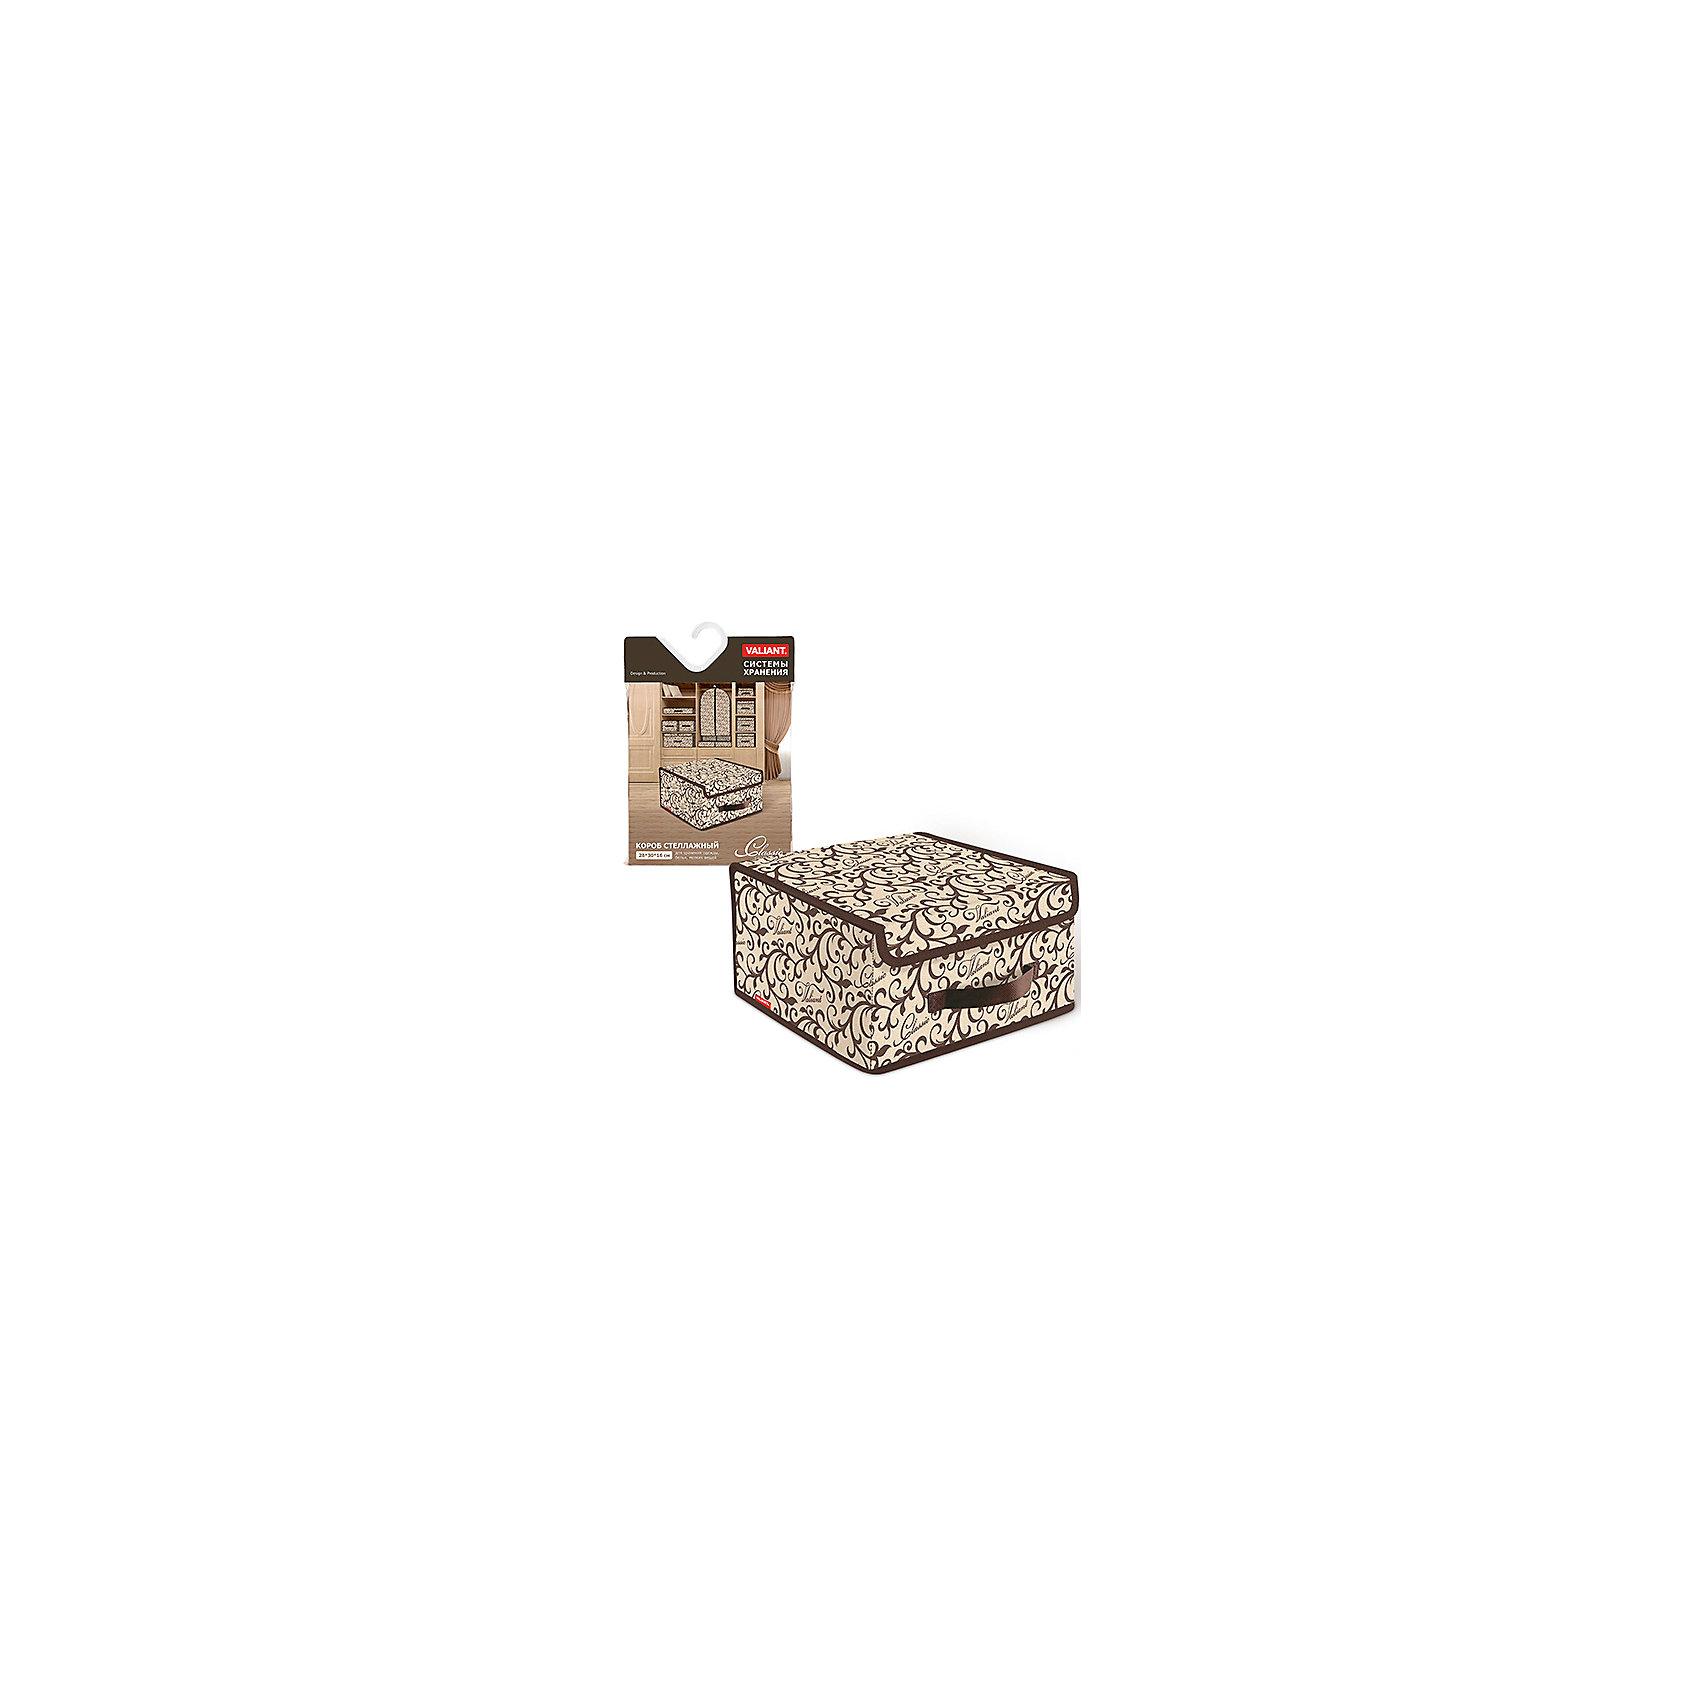 Короб стеллажный с крышкой, малый, 28*30*16 см, CLASSIC, ValiantКороб стеллажный с крышкой, малый, 28*30*16 см, CLASSIC, Valiant (Валиант) – это идеальное решение для хранения белья и мелких вещей.<br>Стеллажный короб CLASSIC от Valiant (Валиант) поможет организовать пространство на полках, избавит от беспорядка и спрячет вещи от посторонних глаз. Он изготовлен из высококачественного нетканого материала, который обеспечивает естественную вентиляцию, позволяя воздуху проникать внутрь, но не пропускает пыль. Вставки из плотного картона хорошо держат форму. Крышка короба фиксируется с помощью специальных магнитов. Наличие ручки позволяет удобно размещать короб на полке. Изделие отличается мобильностью: легко раскладывается и складывается. Изысканный дизайн изделия придется по вкусу ценителям классического стиля. Специально для CLASSIC Collection дизайнеры Valiant (Валиант) разработали фирменный классический вензель. Изысканный узор, гармония изящных линий и благородное сочетание цветов составляет основу элегантного дизайна CLASSIC Collection. Система хранения Classic от Valiant (Валиант) гармонично вписывается в современный классический гардероб.<br><br>Дополнительная информация:<br><br>- Размер: 28х30х16 см.<br>- Материал: нетканый материал, картон<br>- Цвет: коричневый, бежевый<br><br>Короб стеллажный с крышкой, малый, 28*30*16 см, CLASSIC, Valiant (Валиант) можно купить в нашем интернет-магазине.<br><br>Ширина мм: 300<br>Глубина мм: 25<br>Высота мм: 400<br>Вес г: 435<br>Возраст от месяцев: 36<br>Возраст до месяцев: 1080<br>Пол: Унисекс<br>Возраст: Детский<br>SKU: 4993406